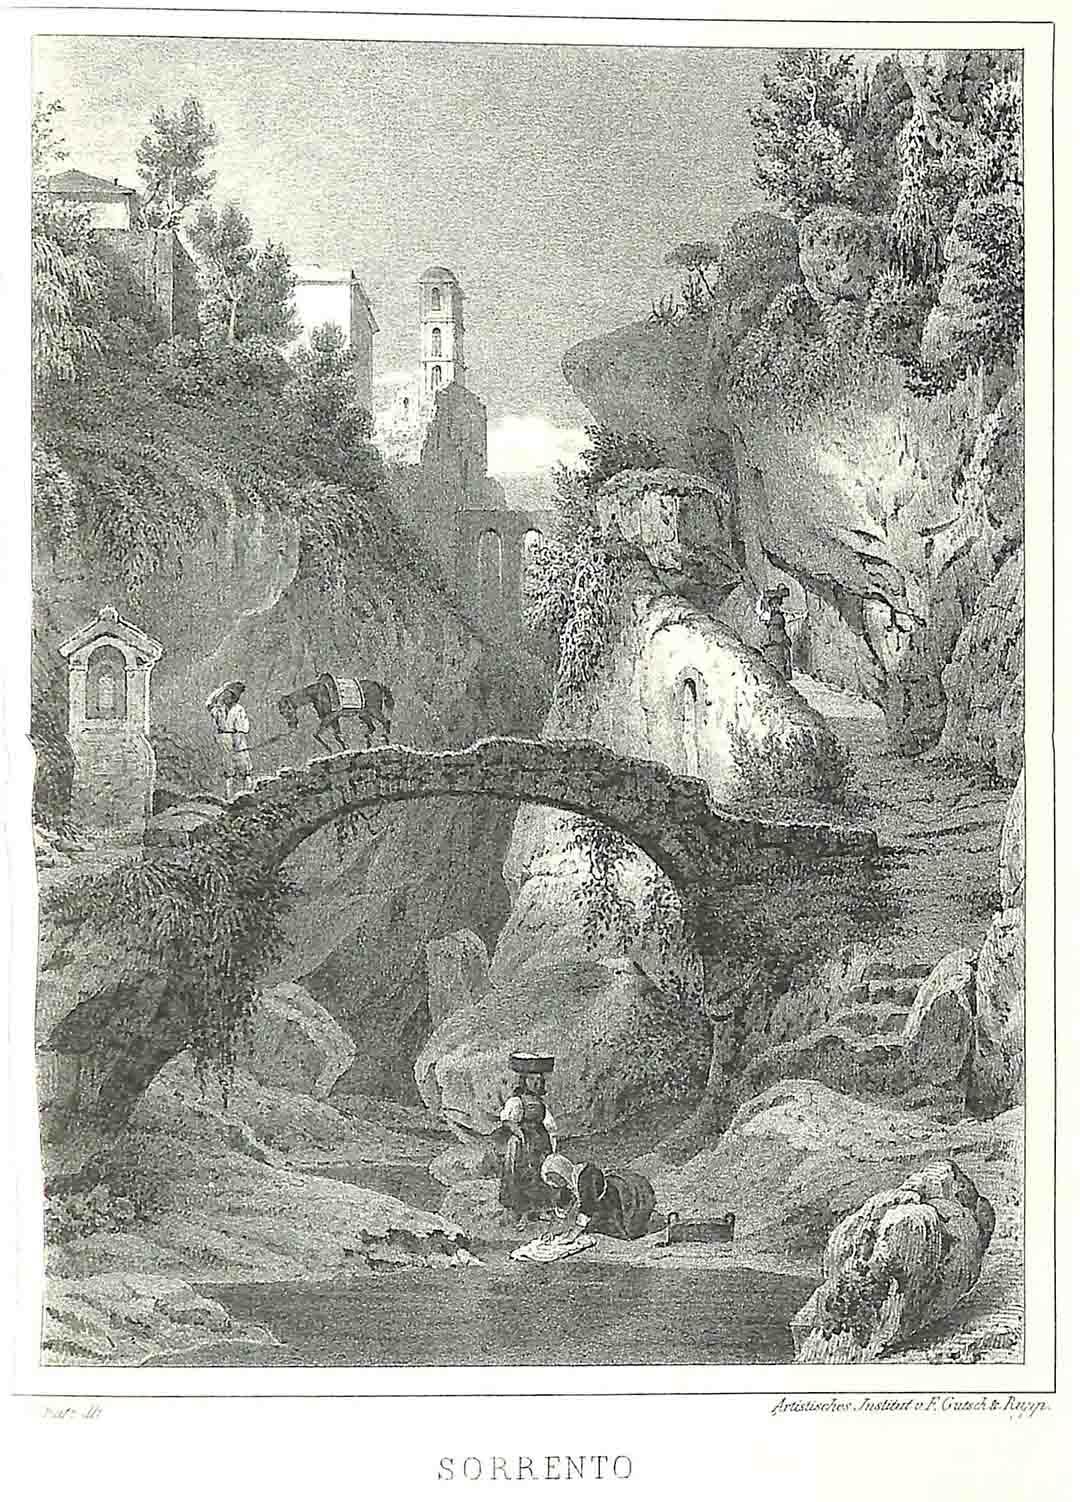 J. SCHULZ, Sorrento, 1850 circa